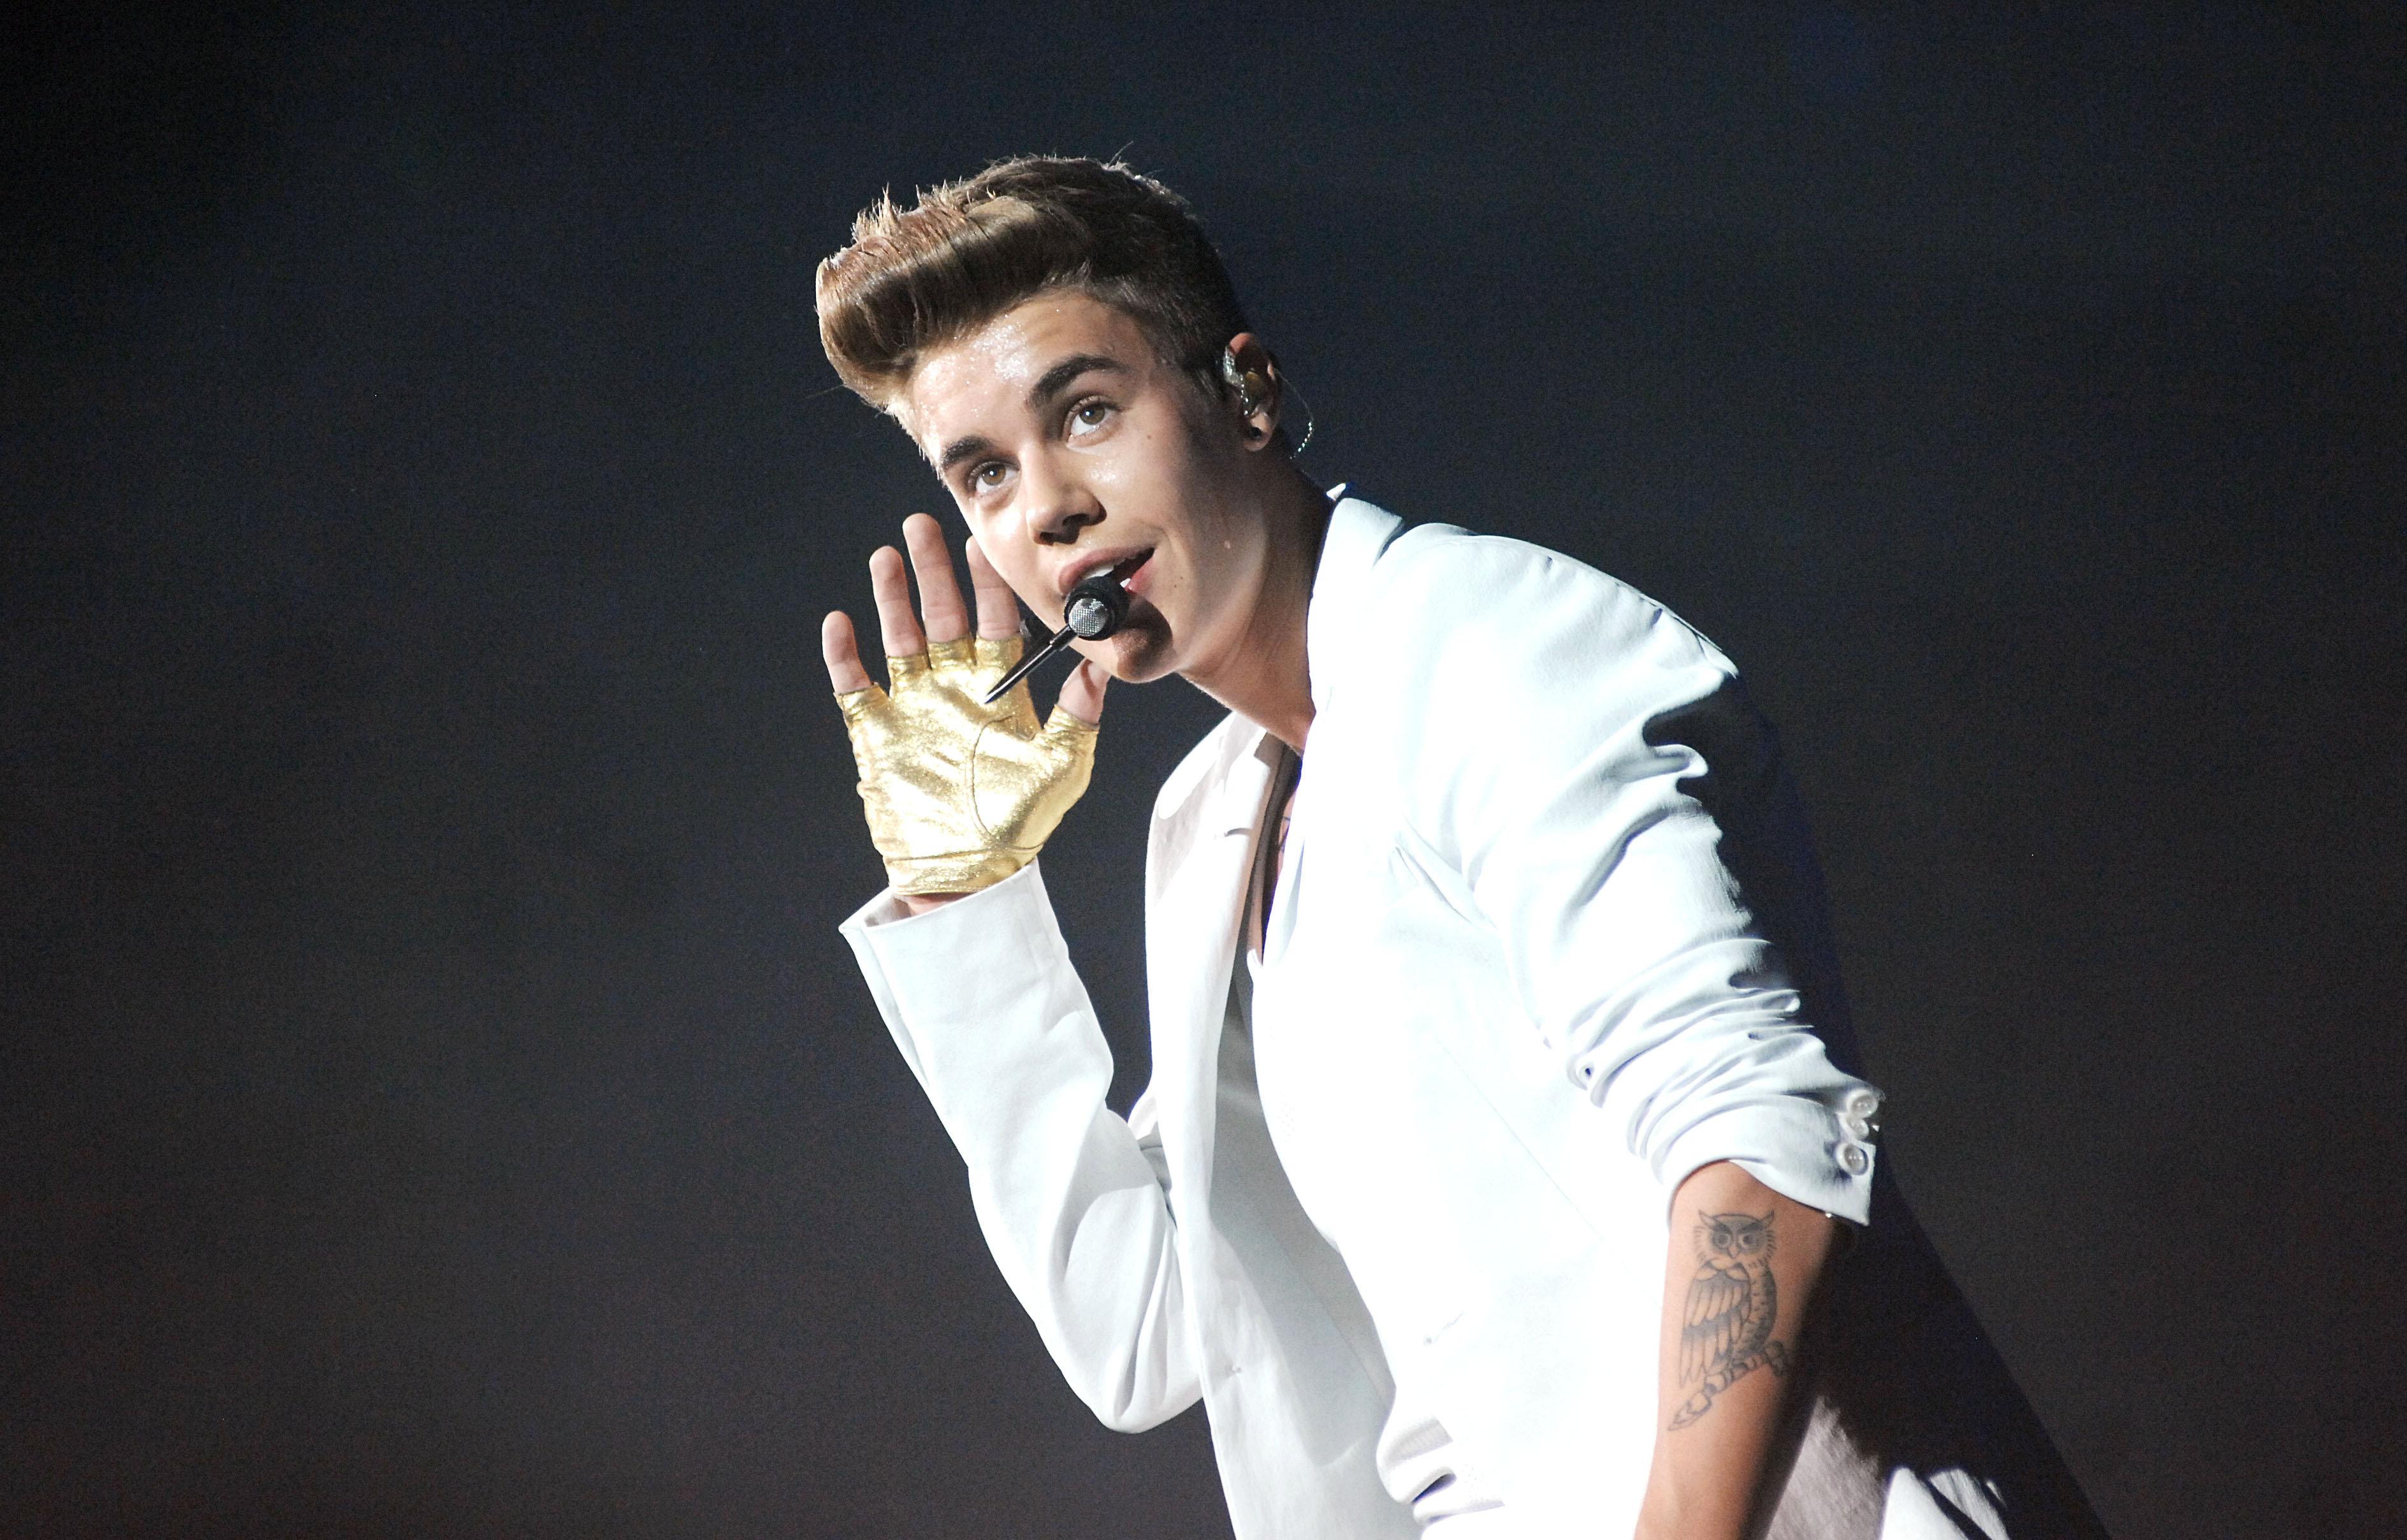 Justin Bieber en concierto - 3776x2416